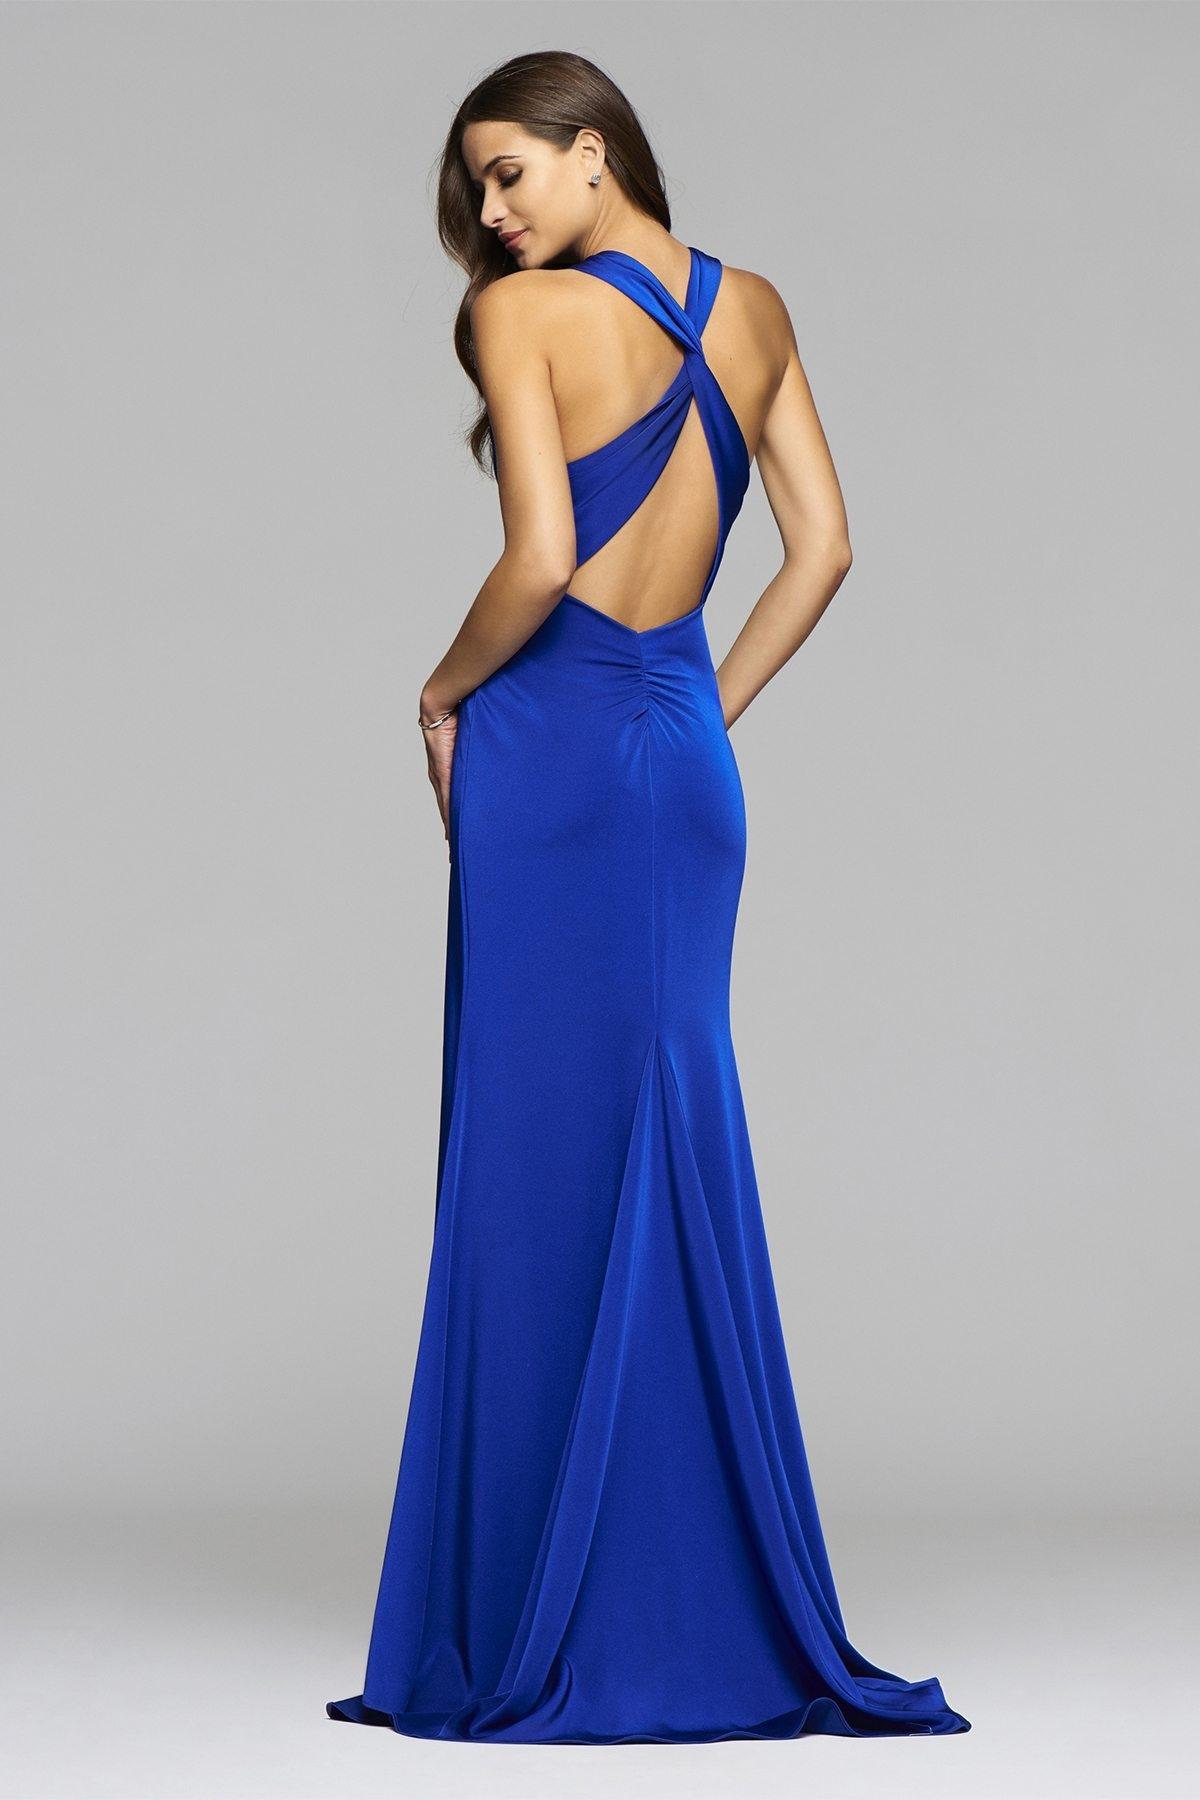 15 Genial Abendkleid Blau Ärmel10 Schön Abendkleid Blau Bester Preis